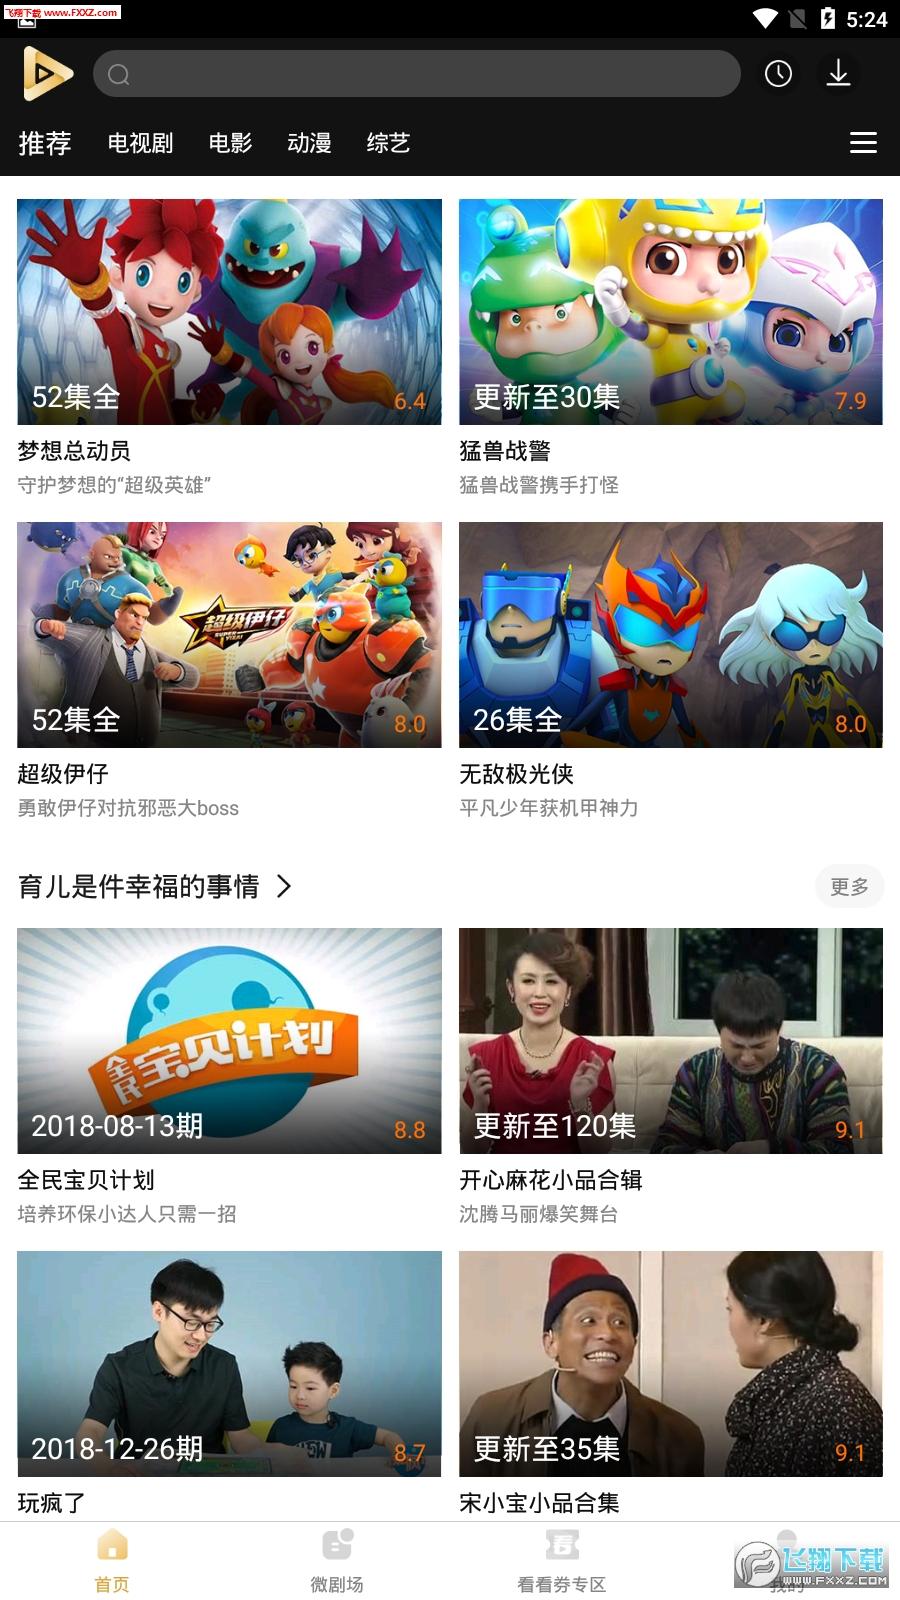 蜜瓜电影网手机在线appv7.0.3.3截图1